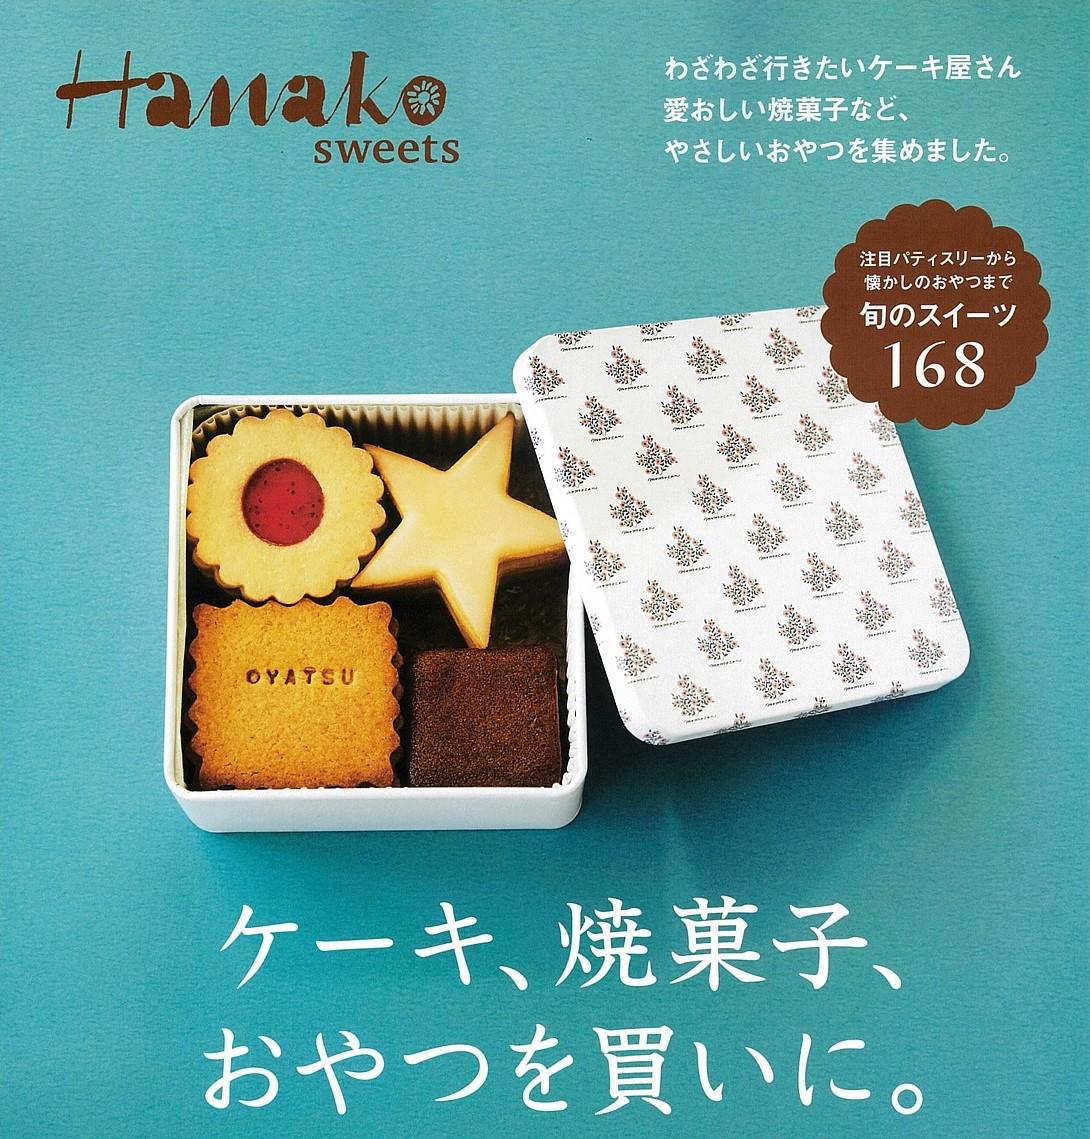 9/17発売『 Hanako sweets』に掲載されました!!